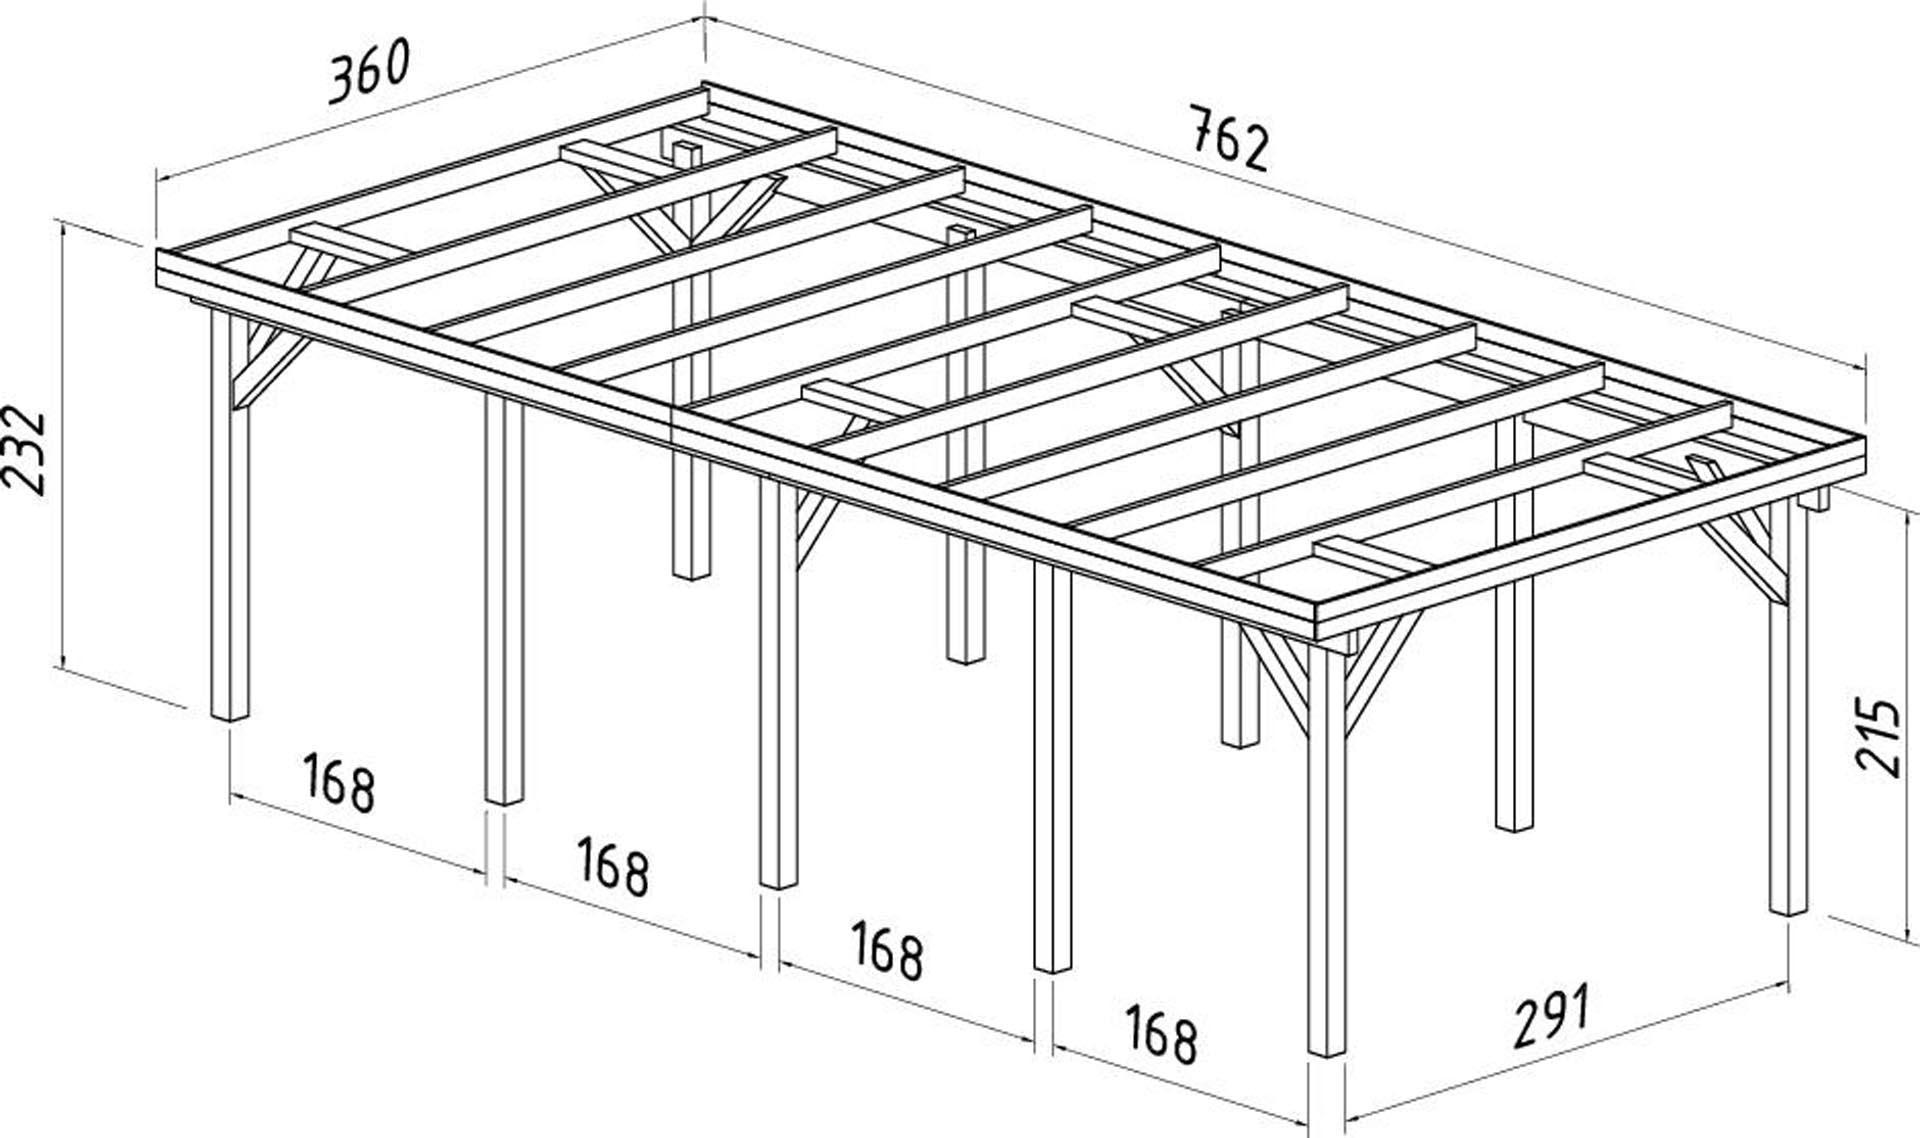 carport i tr lang model carporte i mange st rrelser. Black Bedroom Furniture Sets. Home Design Ideas